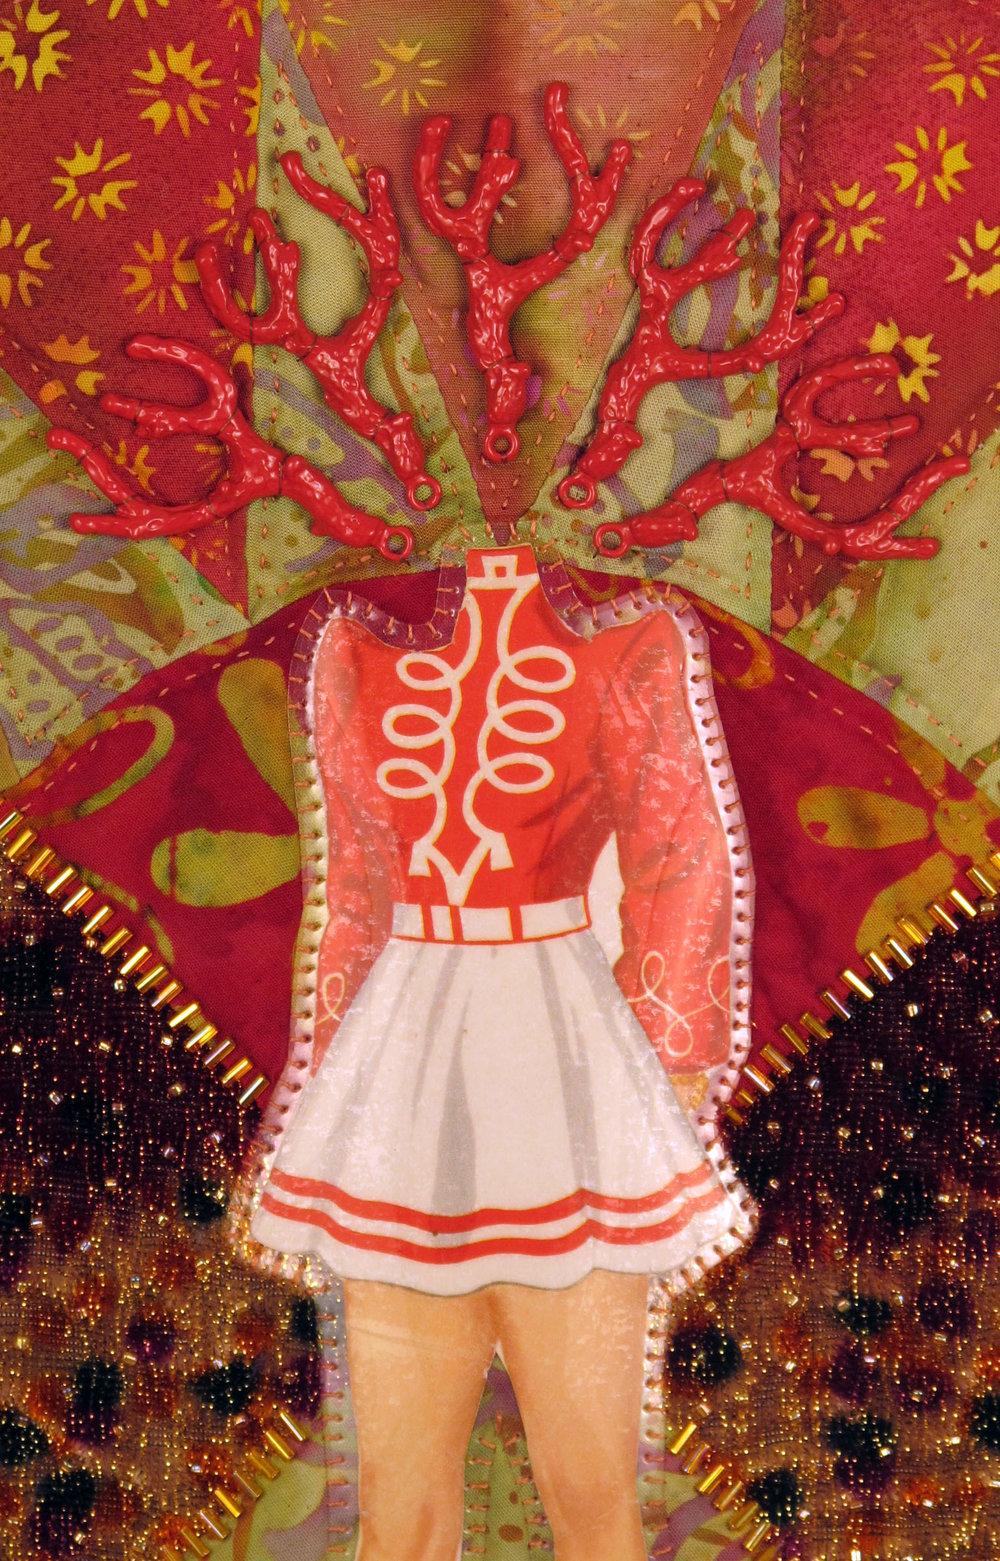 Warrior Figure (Blood Orange) (detail)